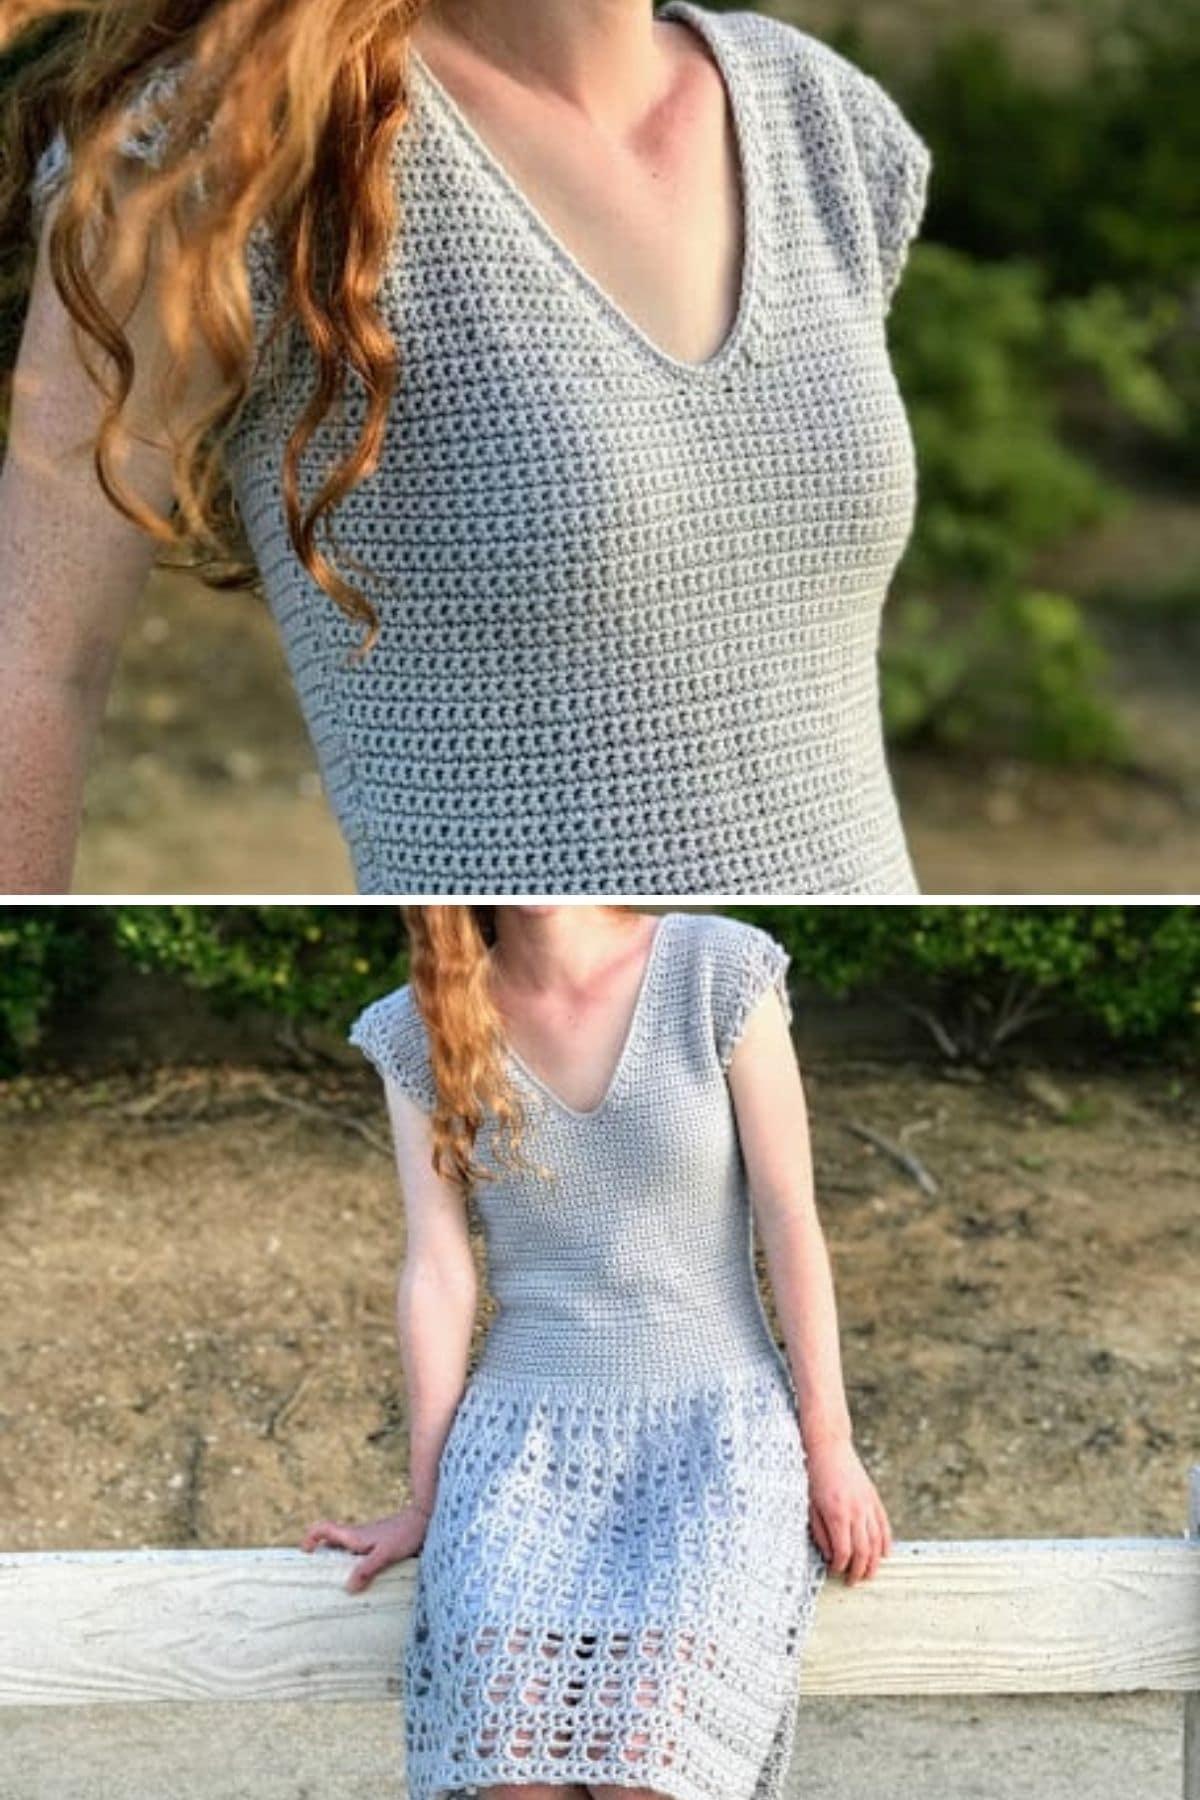 Brunette sitting on low wall in gray crochet dress